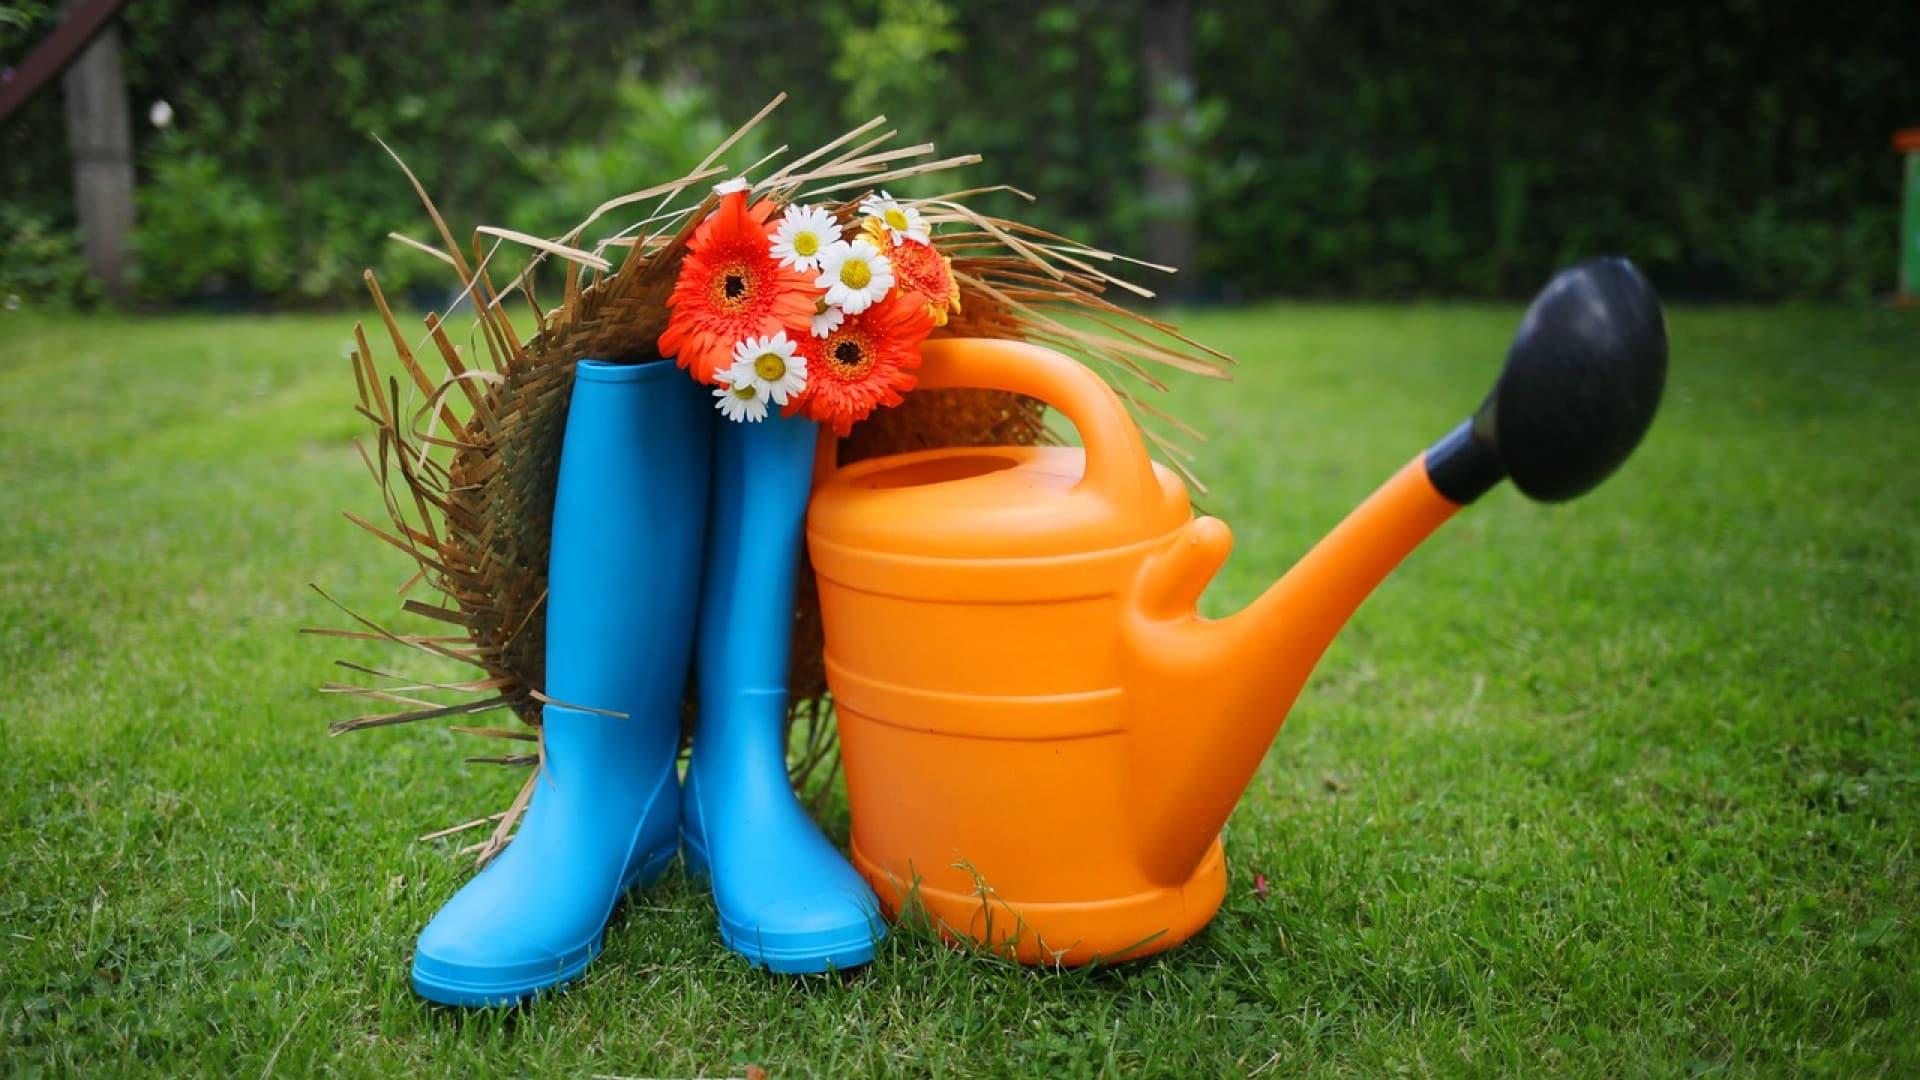 Les outils indispensables à un bon jardin